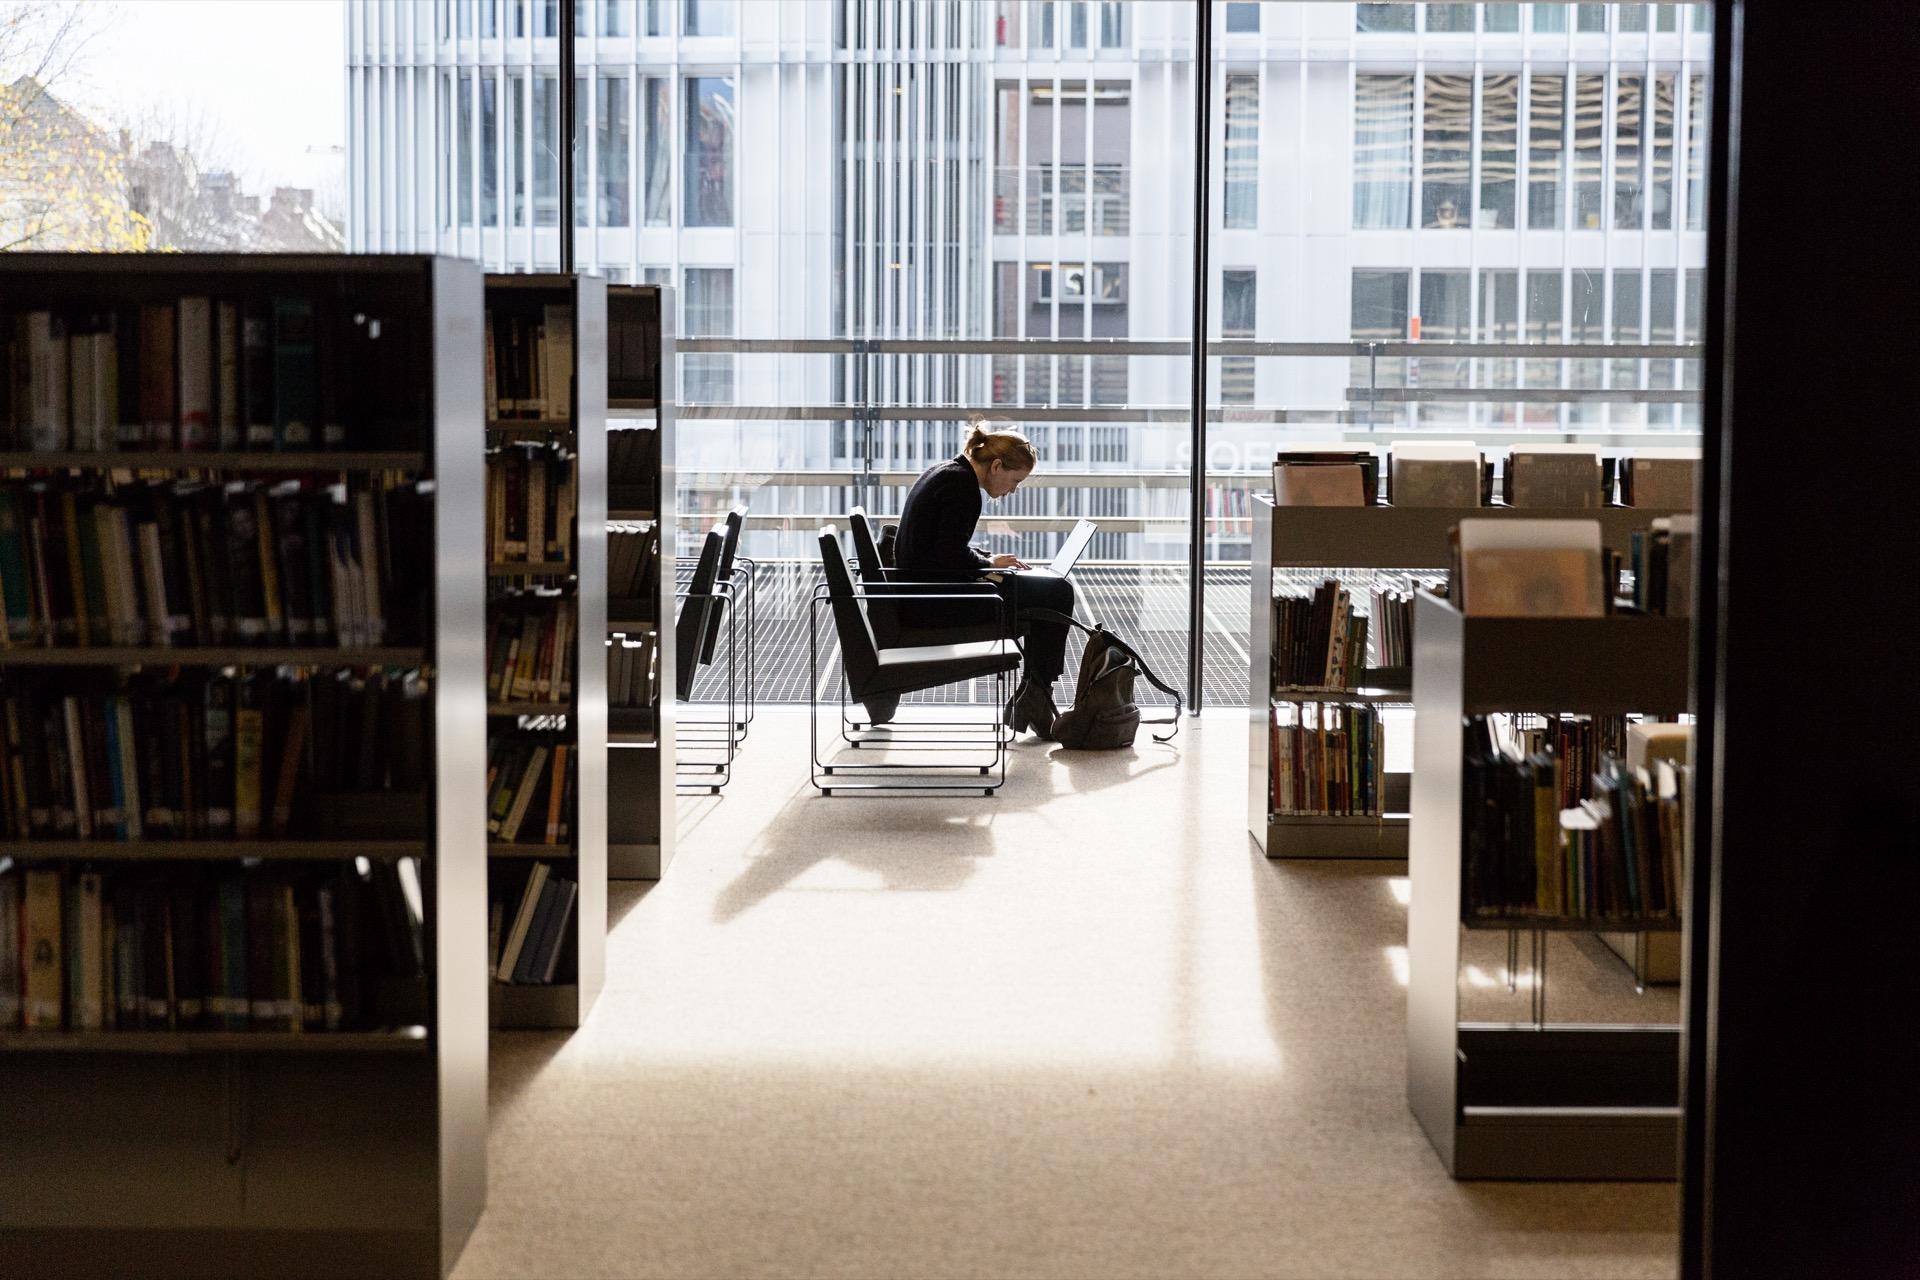 De Krook Gent library building architecture design interior view